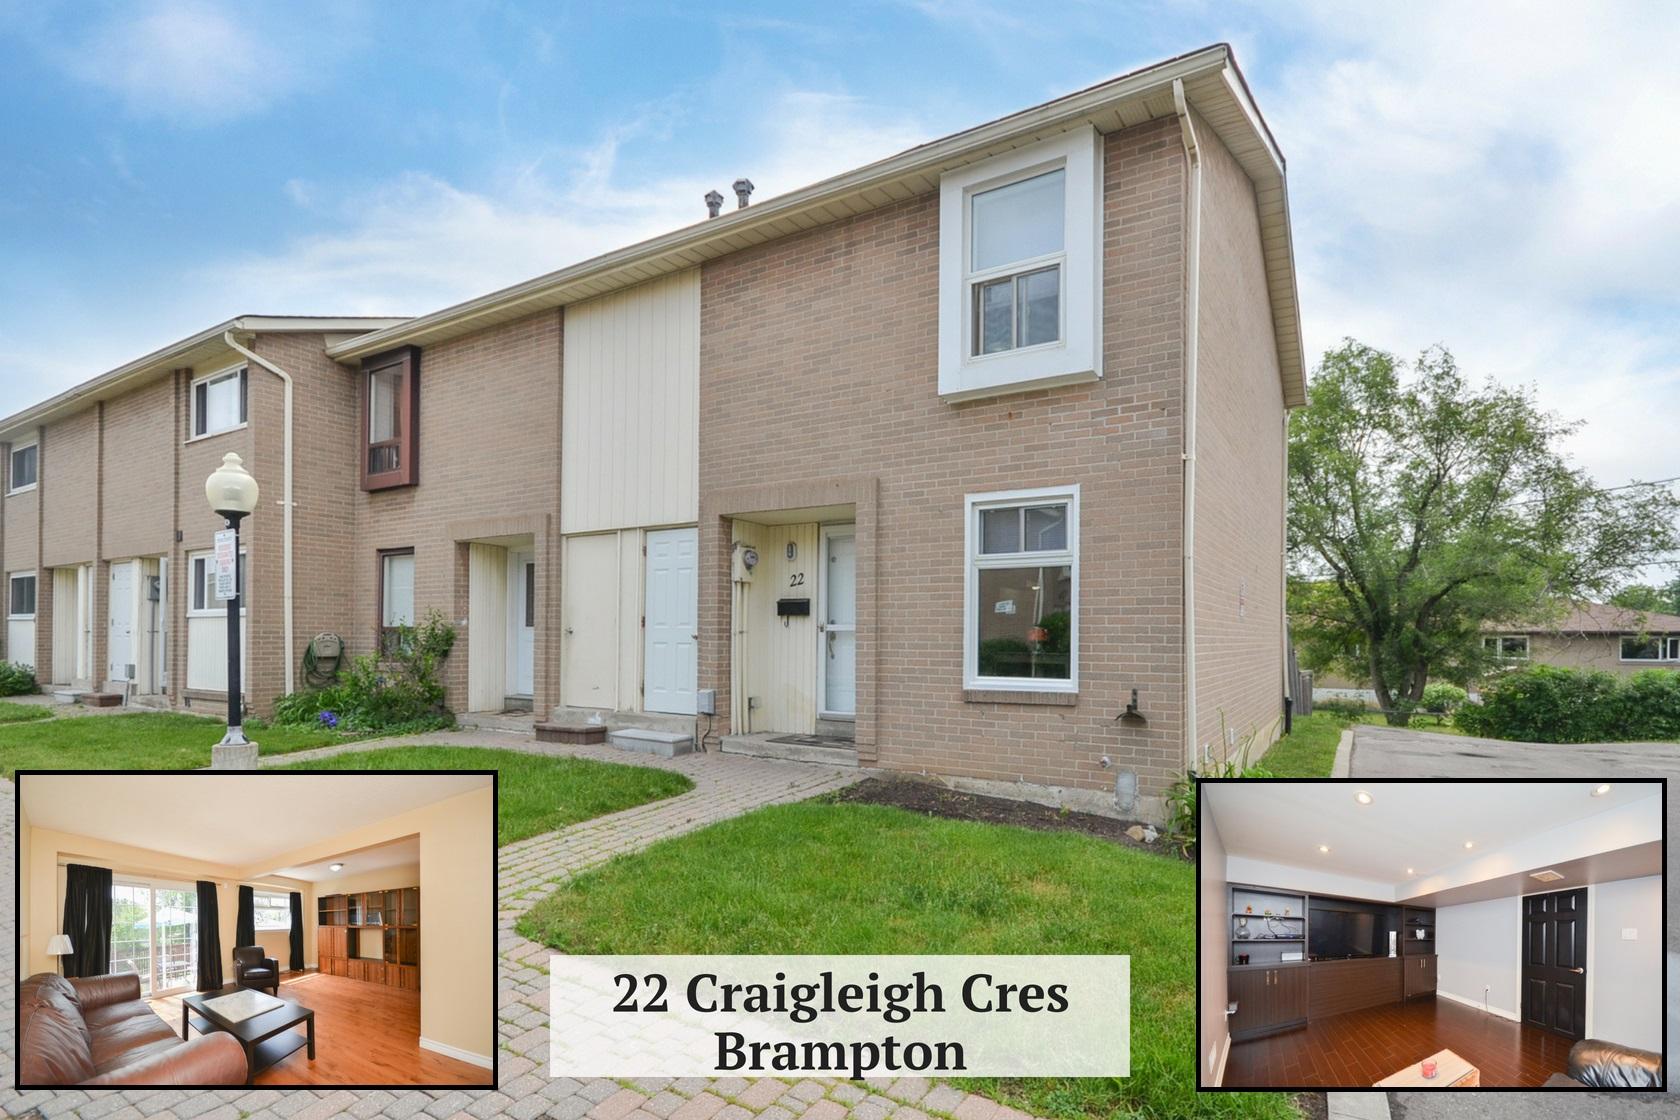 $425,000 • 22 Craigleigh Cres